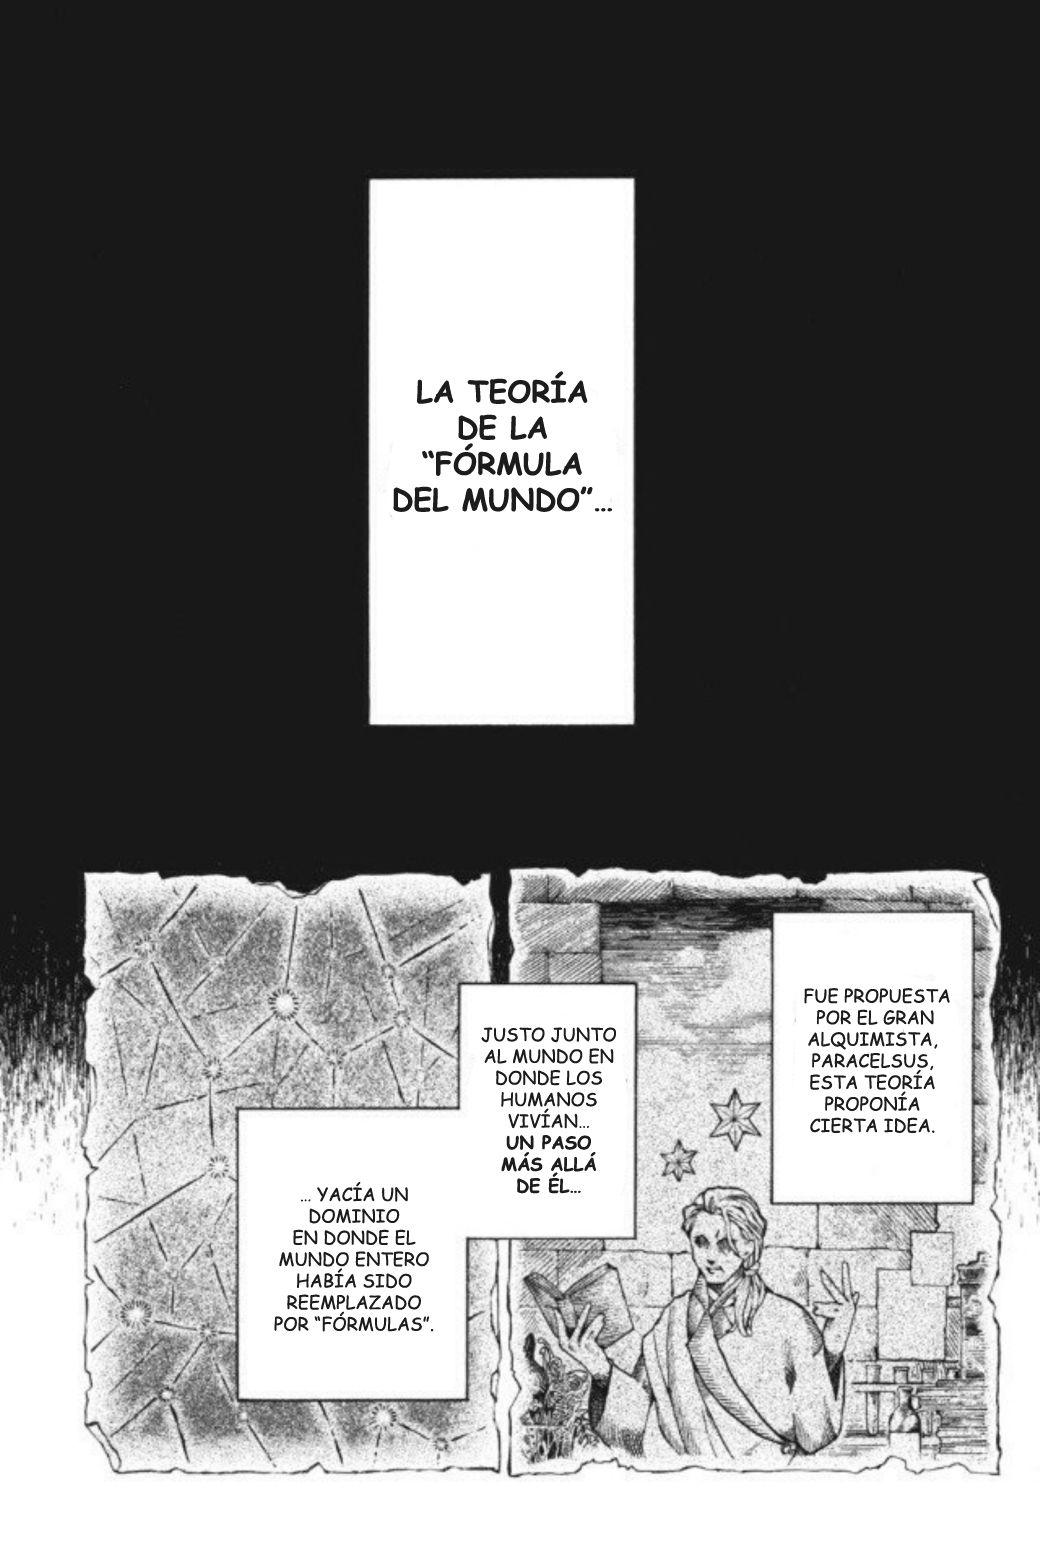 https://c5.ninemanga.com/es_manga/48/18672/478200/670c26185a3783678135b4697f7dbd1a.jpg Page 2